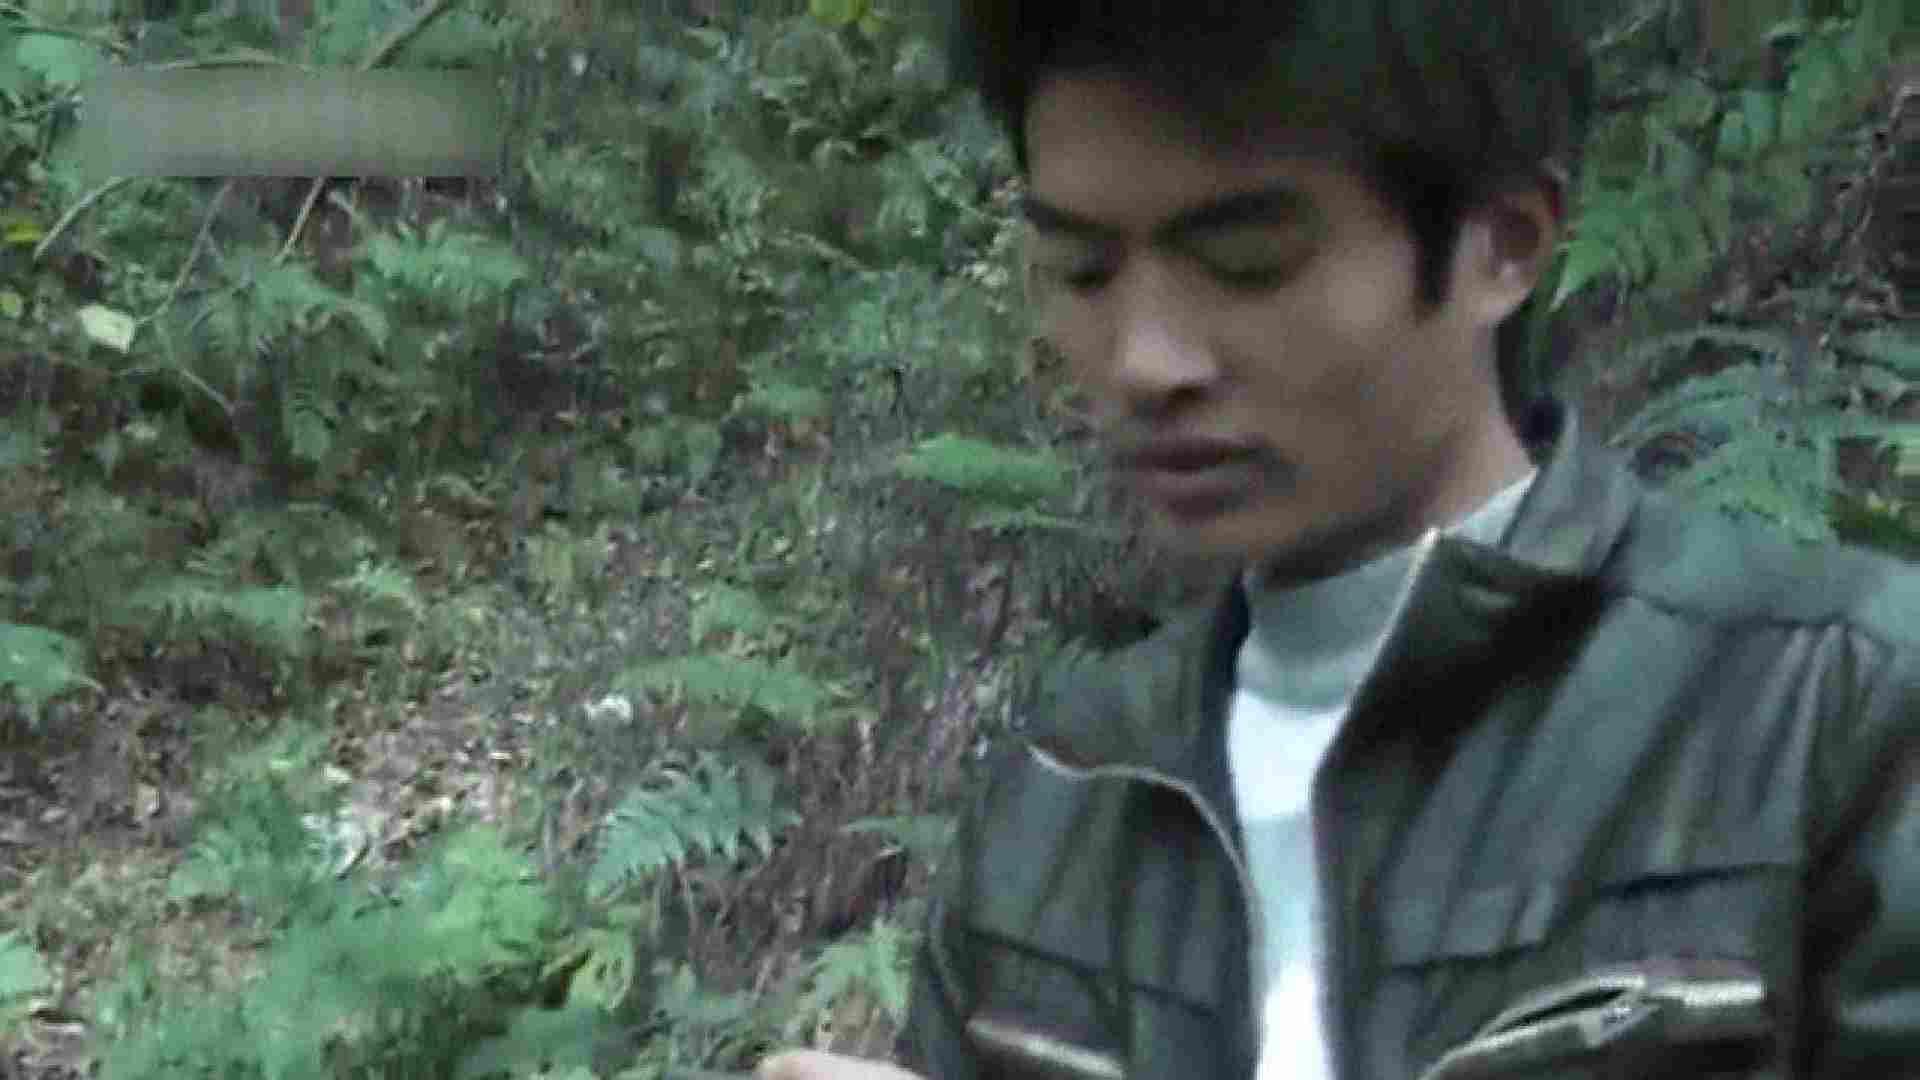 森林浴とオナニー 完全無修正版 ゲイSEX画像 92枚 79